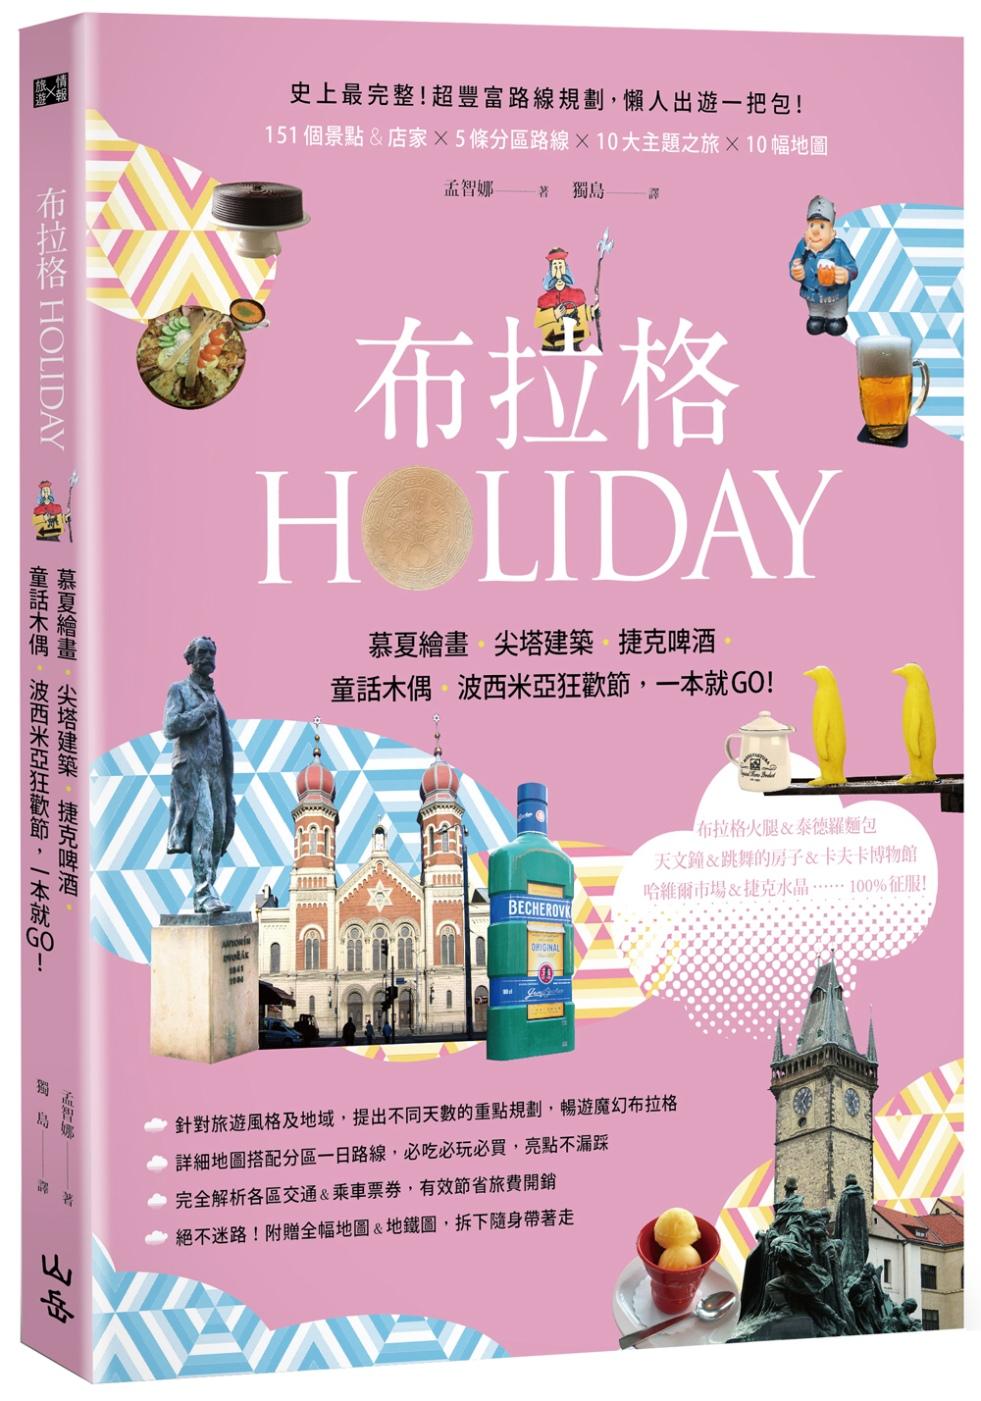 布拉格HOLIDAY:慕夏繪畫、尖塔建築、捷克啤酒、童話木偶、波西米亞狂歡節,一本就GO!